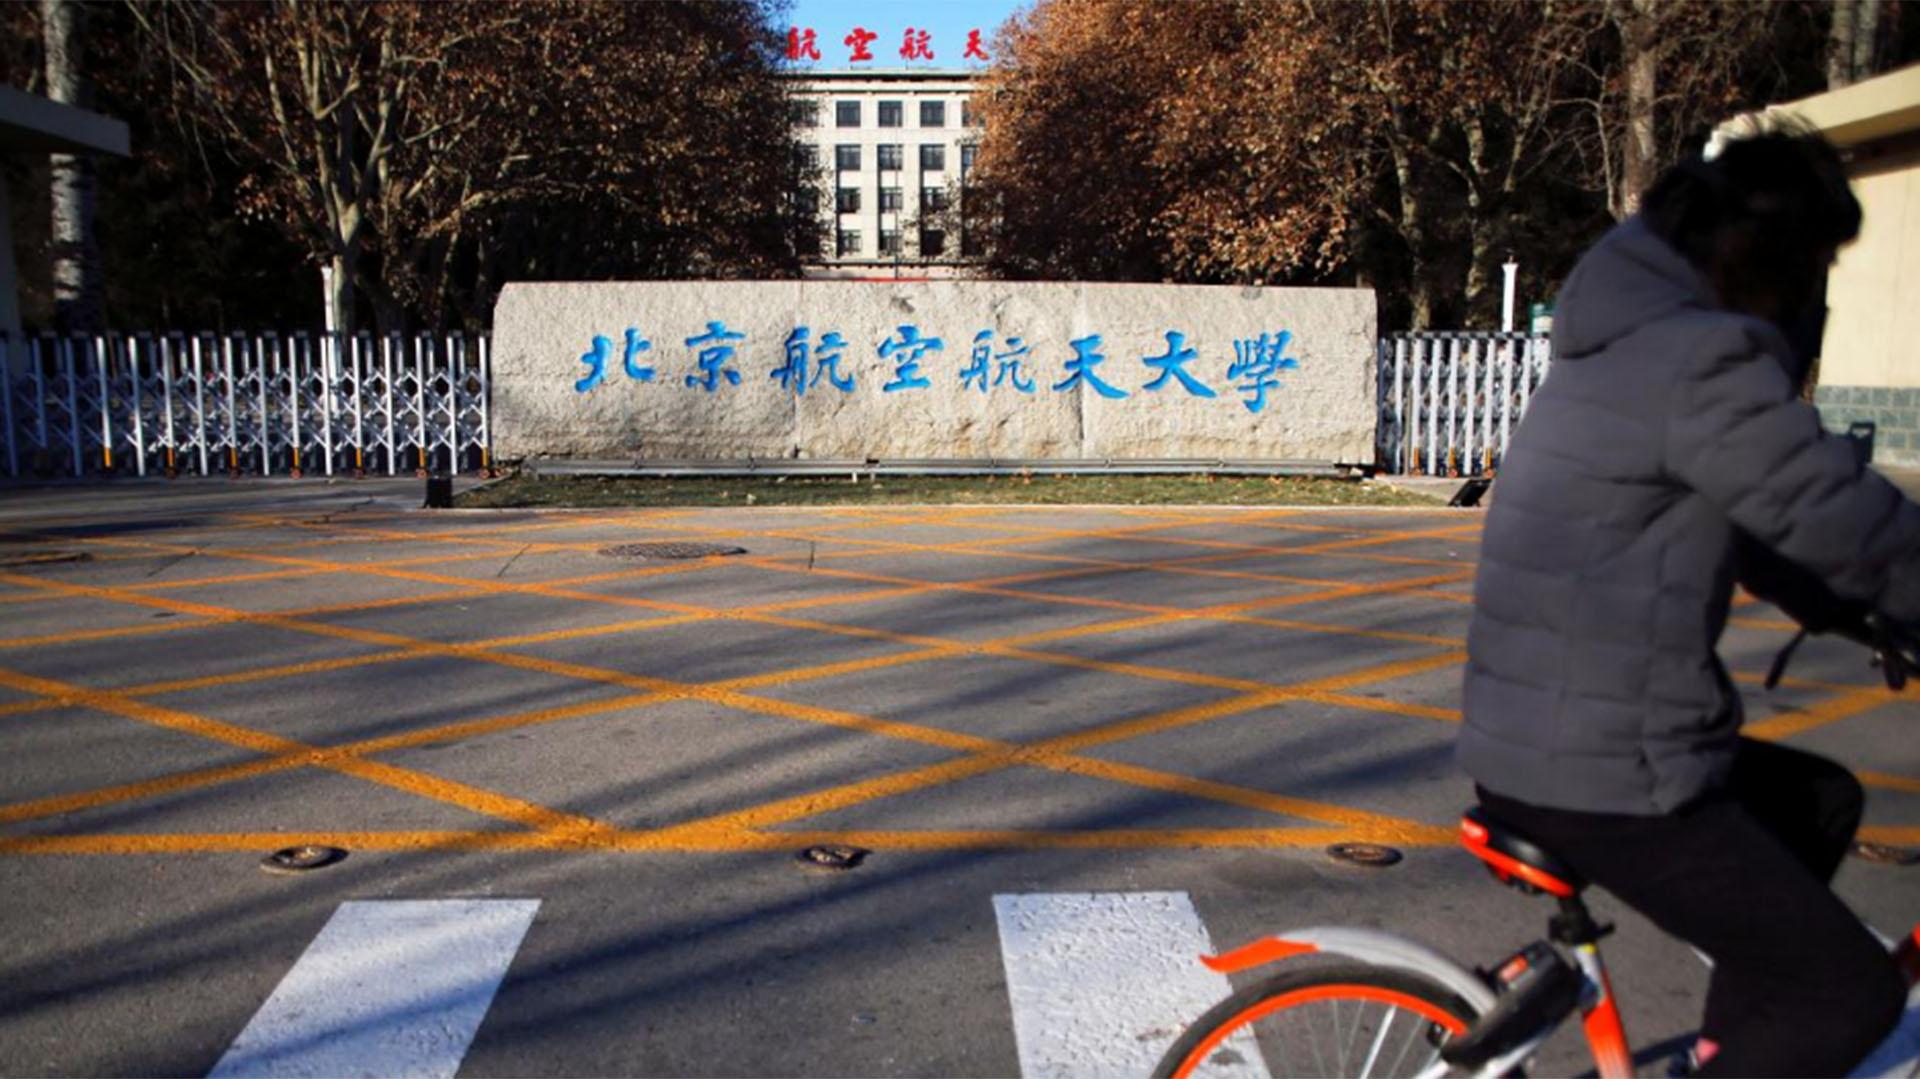 Una persona anda en bicicleta frente a la Universidad de Beihang en Beijing (Reuters)